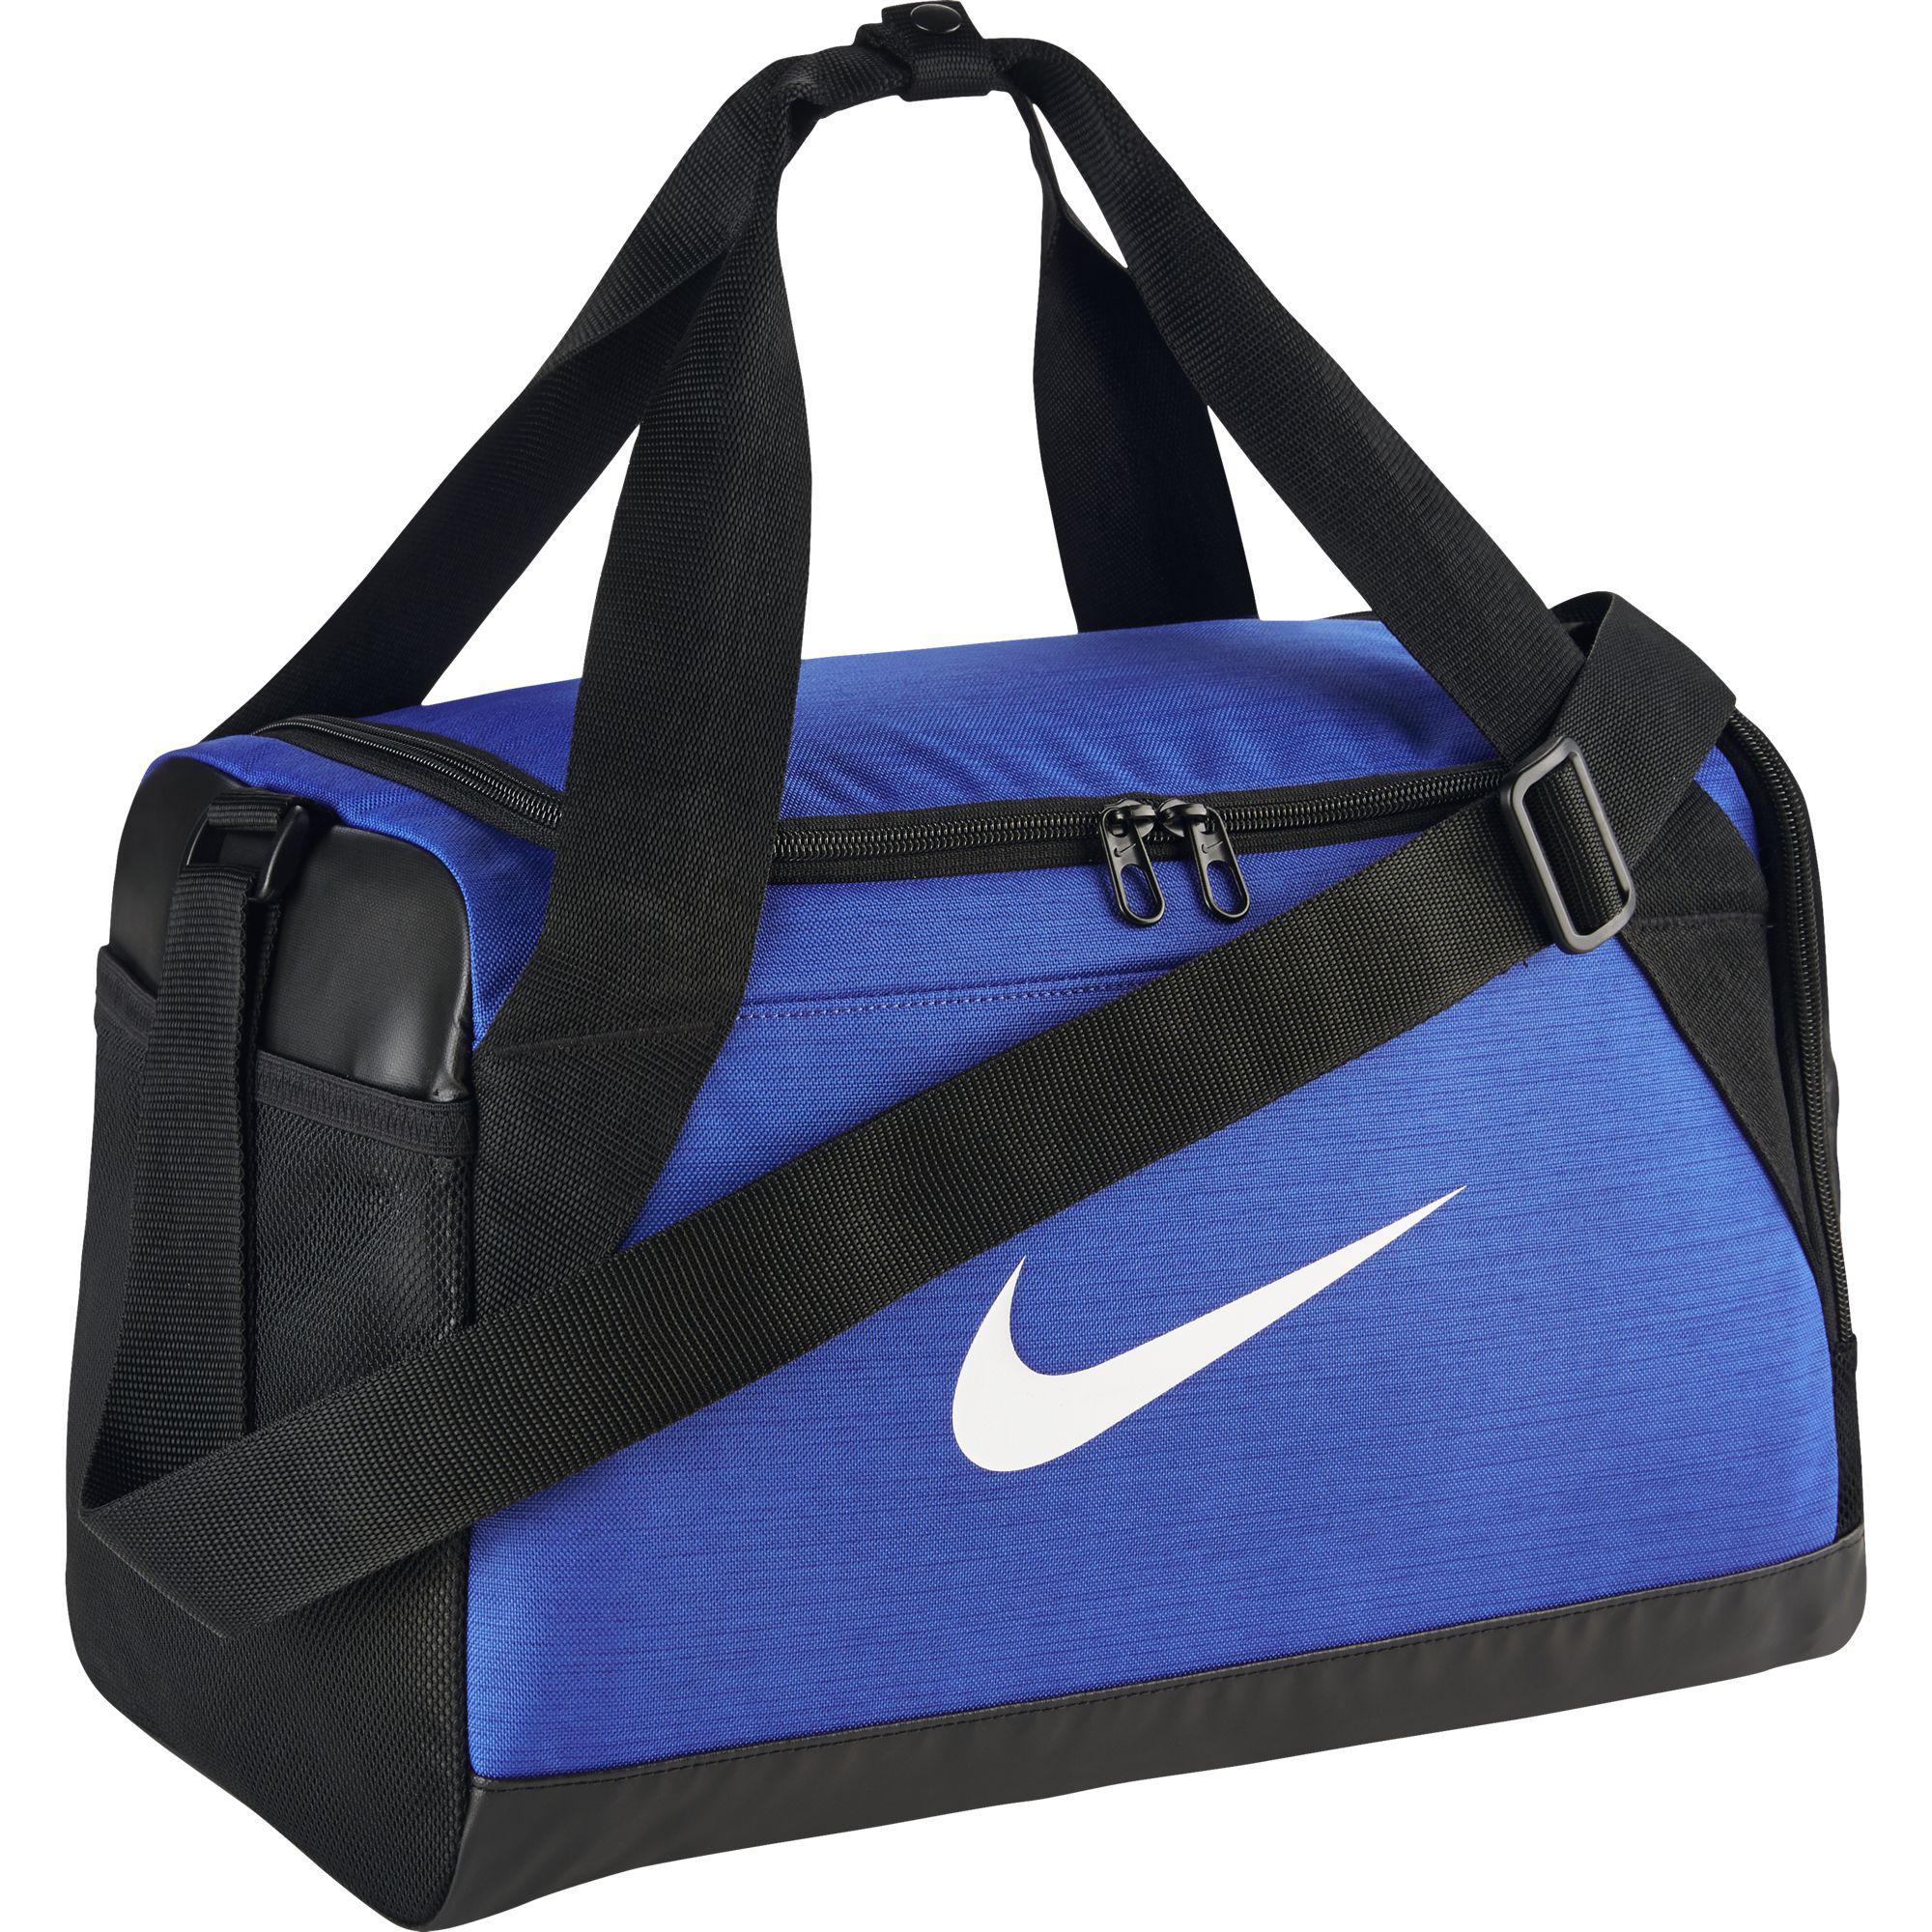 53eb69699fc1 Nike Brasilia Extra Small Training Duffel Bag - Game Royal Black White -  Tennisnuts.com